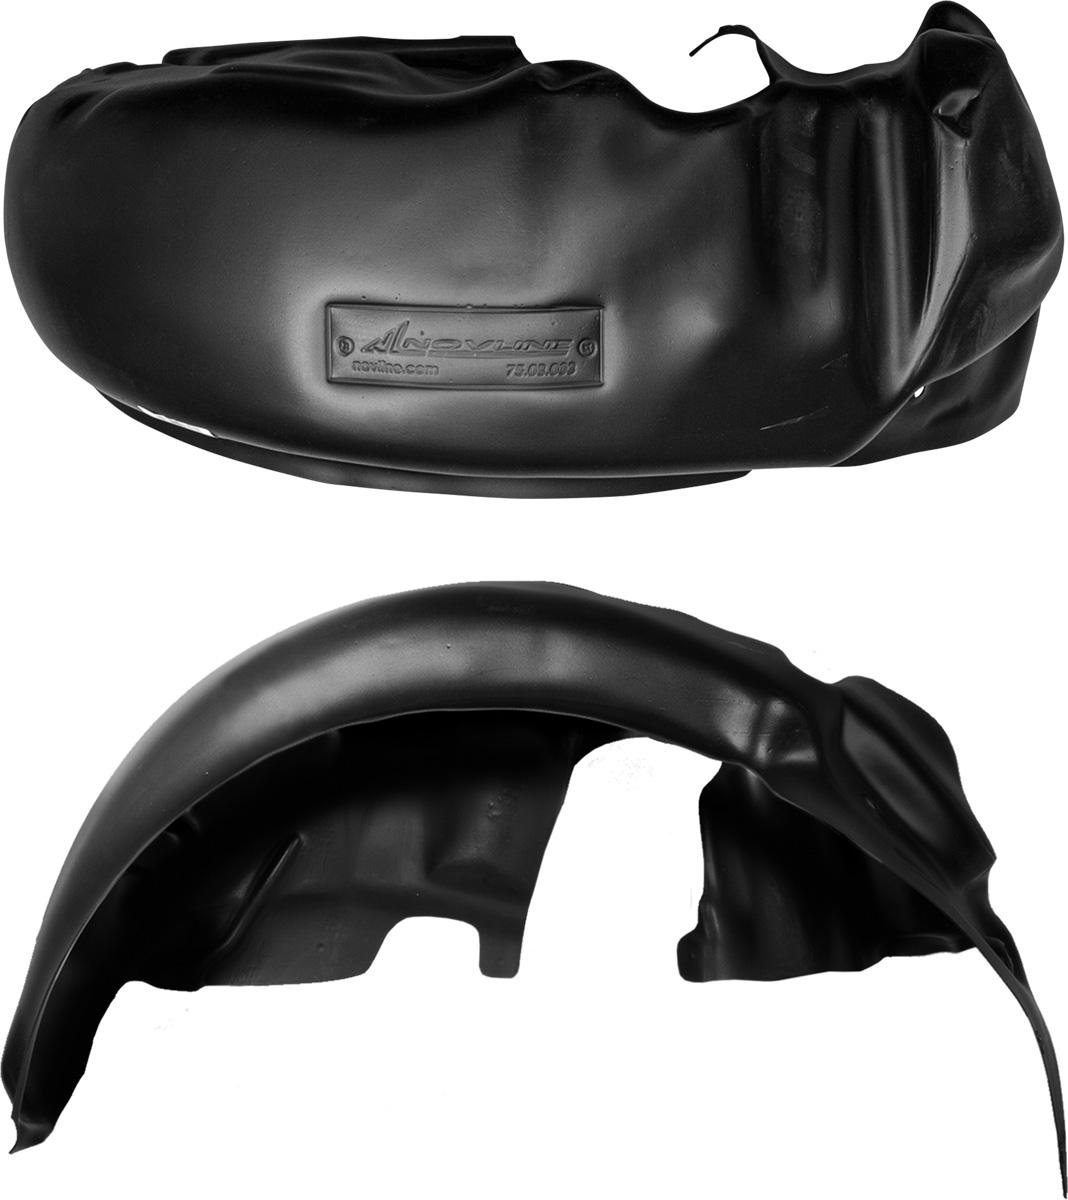 Подкрылок КIА RIO, 2011->, седан, хэтчбек, передний правыйAdvoCam-FD-ONEКолесные ниши – одни из самых уязвимых зон днища вашего автомобиля. Они постоянно подвергаются воздействию со стороны дороги. Лучшая, почти абсолютная защита для них - специально отформованные пластиковые кожухи, которые называются подкрылками, или локерами. Производятся они как для отечественных моделей автомобилей, так и для иномарок. Подкрылки выполнены из высококачественного, экологически чистого пластика. Обеспечивают надежную защиту кузова автомобиля от пескоструйного эффекта и негативного влияния, агрессивных антигололедных реагентов. Пластик обладает более низкой теплопроводностью, чем металл, поэтому в зимний период эксплуатации использование пластиковых подкрылков позволяет лучше защитить колесные ниши от налипания снега и образования наледи. Оригинальность конструкции подчеркивает элегантность автомобиля, бережно защищает нанесенное на днище кузова антикоррозийное покрытие и позволяет осуществить крепление подкрылков внутри колесной арки практически без дополнительного крепежа и сверления, не нарушая при этом лакокрасочного покрытия, что предотвращает возникновение новых очагов коррозии. Технология крепления подкрылков на иномарки принципиально отличается от крепления на российские автомобили и разрабатывается индивидуально для каждой модели автомобиля. Подкрылки долговечны, обладают высокой прочностью и сохраняют заданную форму, а также все свои физико-механические характеристики в самых тяжелых климатических условиях ( от -50° С до + 50° С).